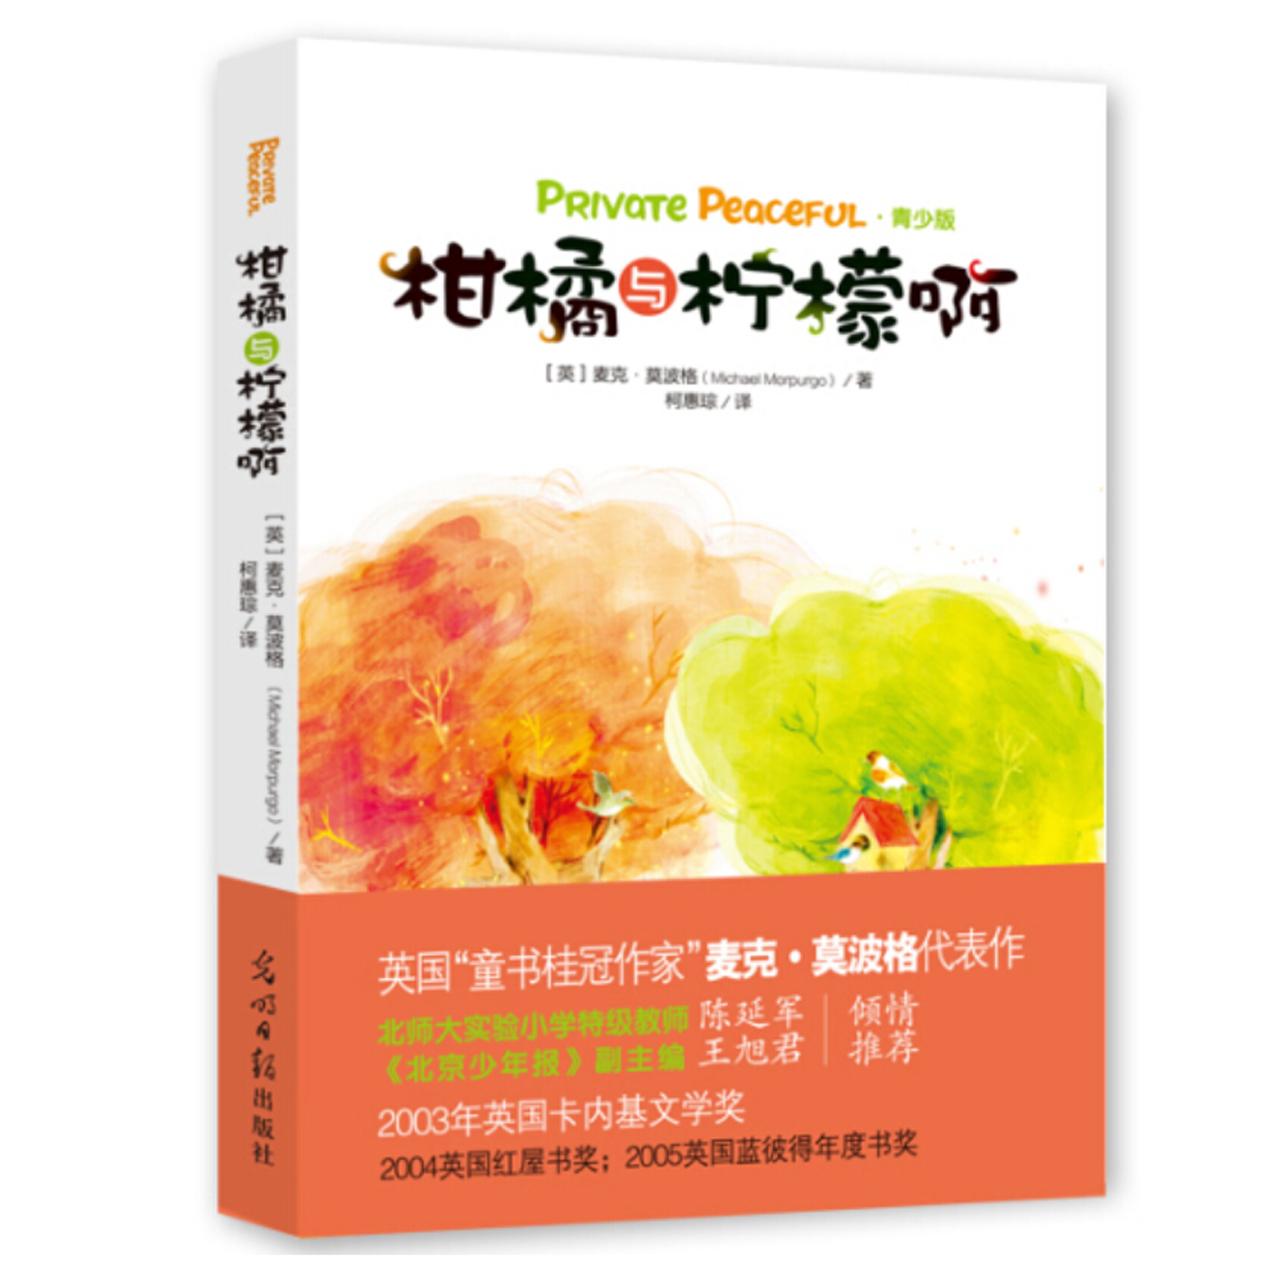 柑橘与柠檬啊【儿童小说/青少年读物/励志小说】